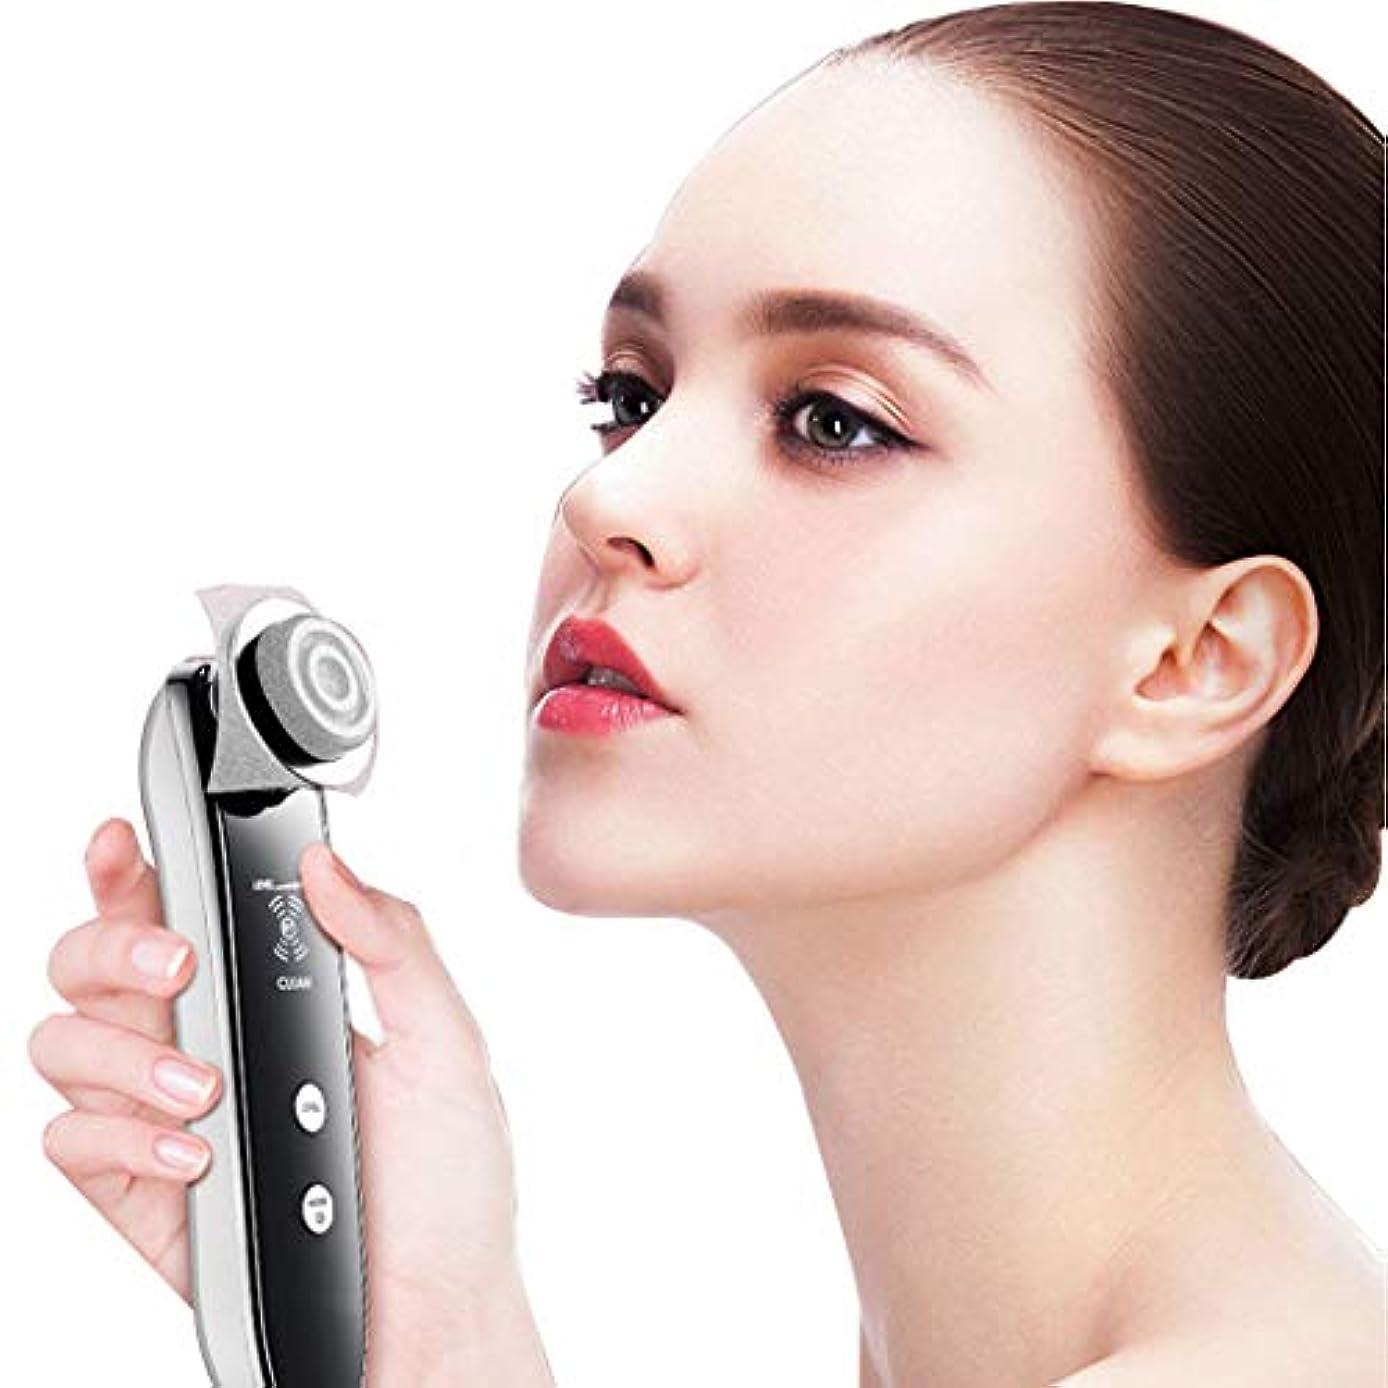 考案するコスチューム覗くRF の無線周波数の美の器械 5 1 の多機能の顔のマッサージ器、皮の気遣うことのための美装置、穏やかな剥離および気孔の収縮のための機械